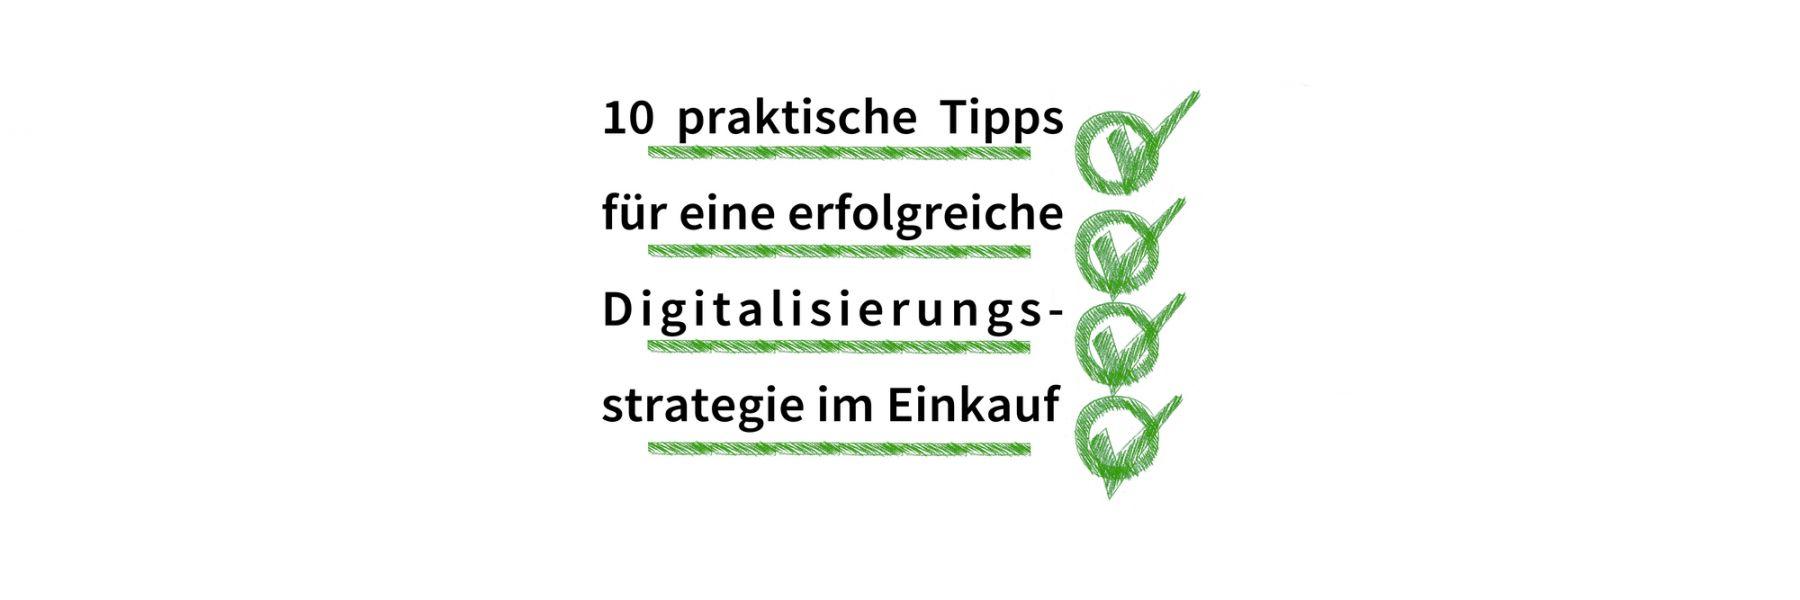 10 praktische Tipps für eine erfolgreiche Digitalisierungsstrategie im Einkauf